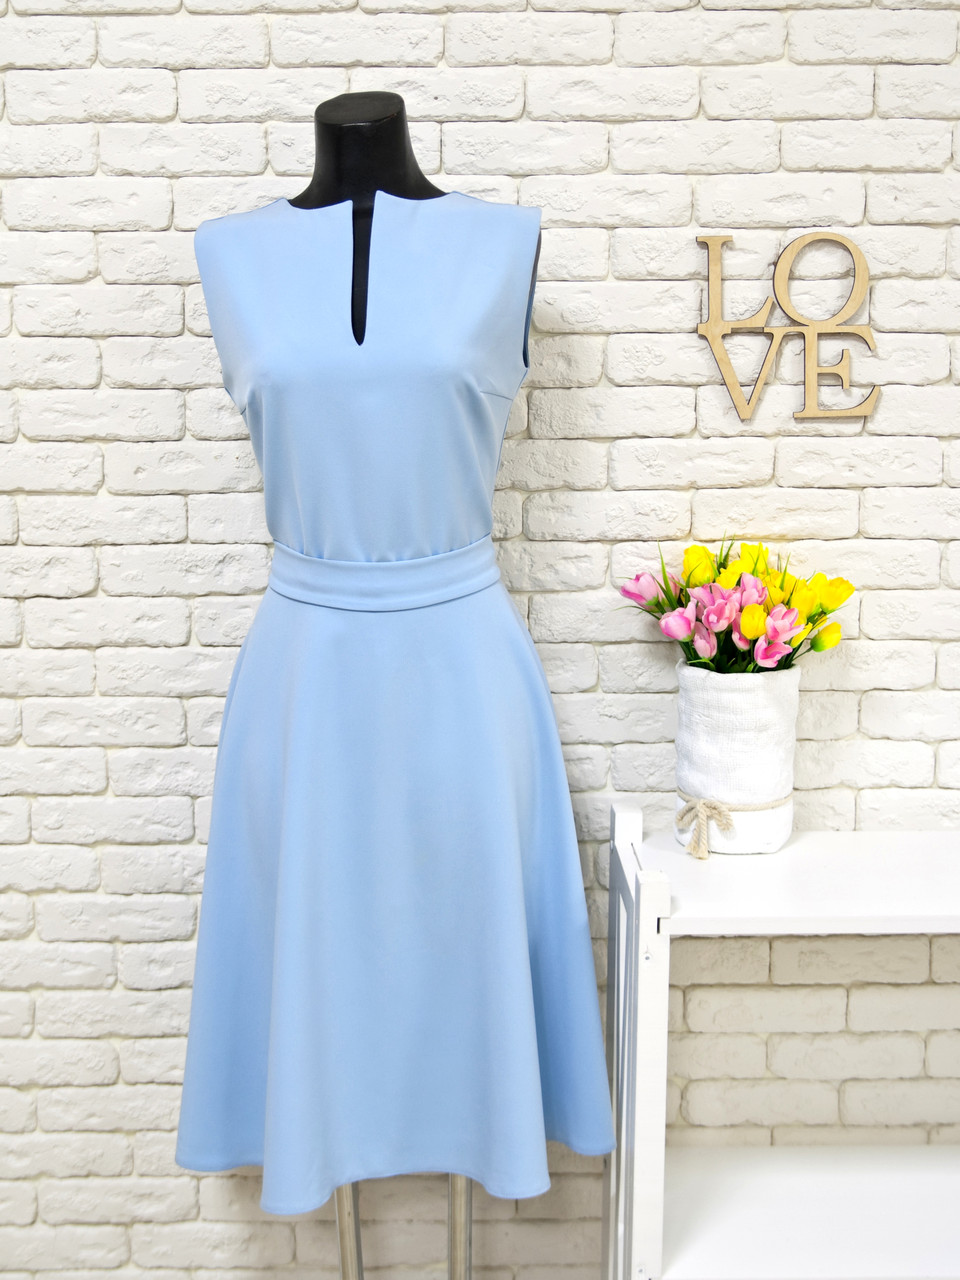 84a7b8b8366114c Платье голубого цвета из дорогой костюмной ткани с юбкой полусолнце -  Интернет-магазин одежды и